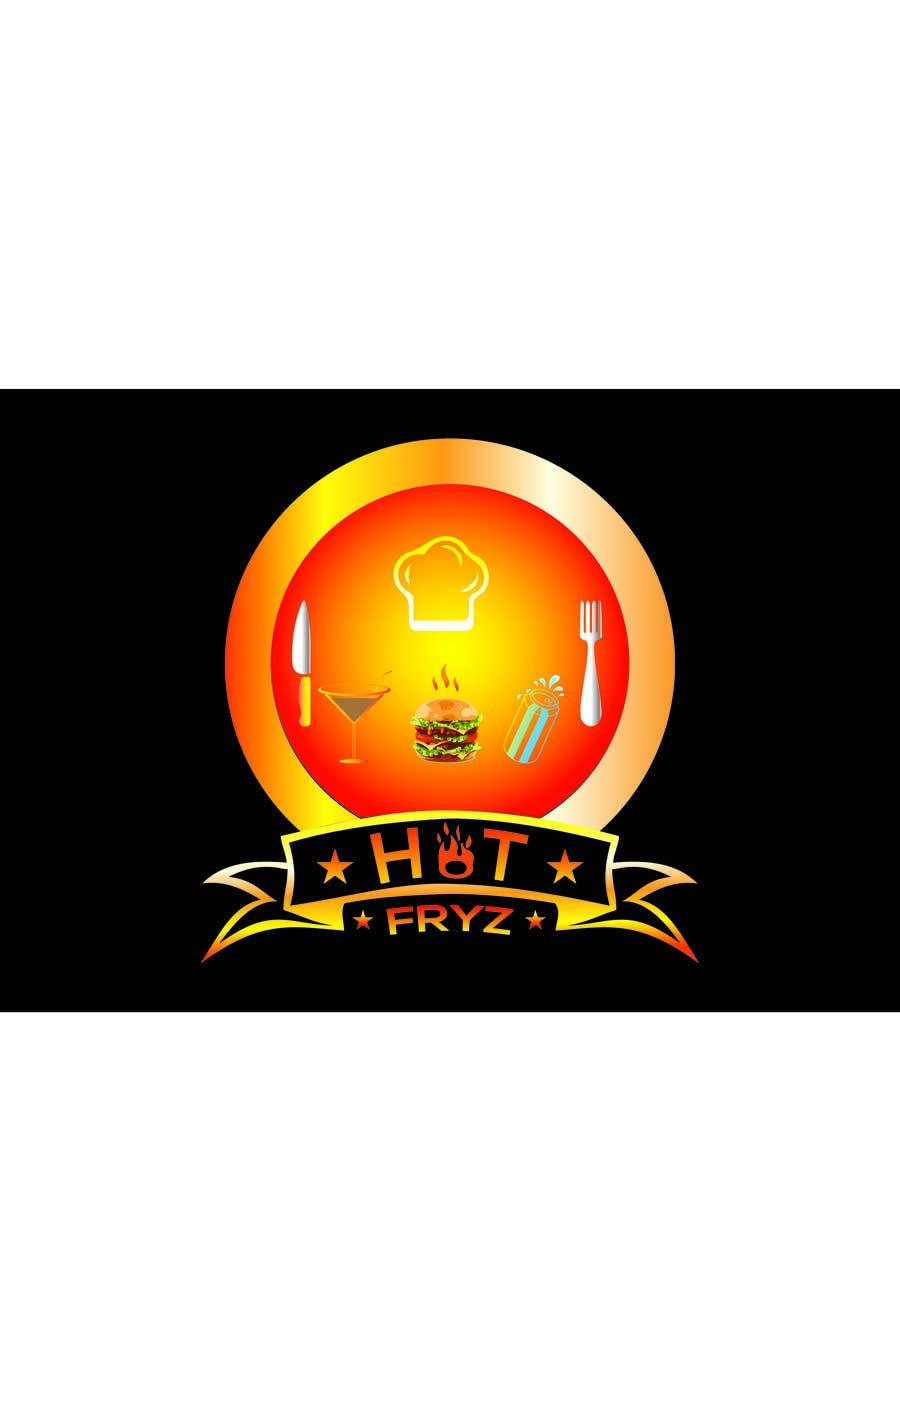 Bài tham dự cuộc thi #61 cho Classy Fast Food Logo